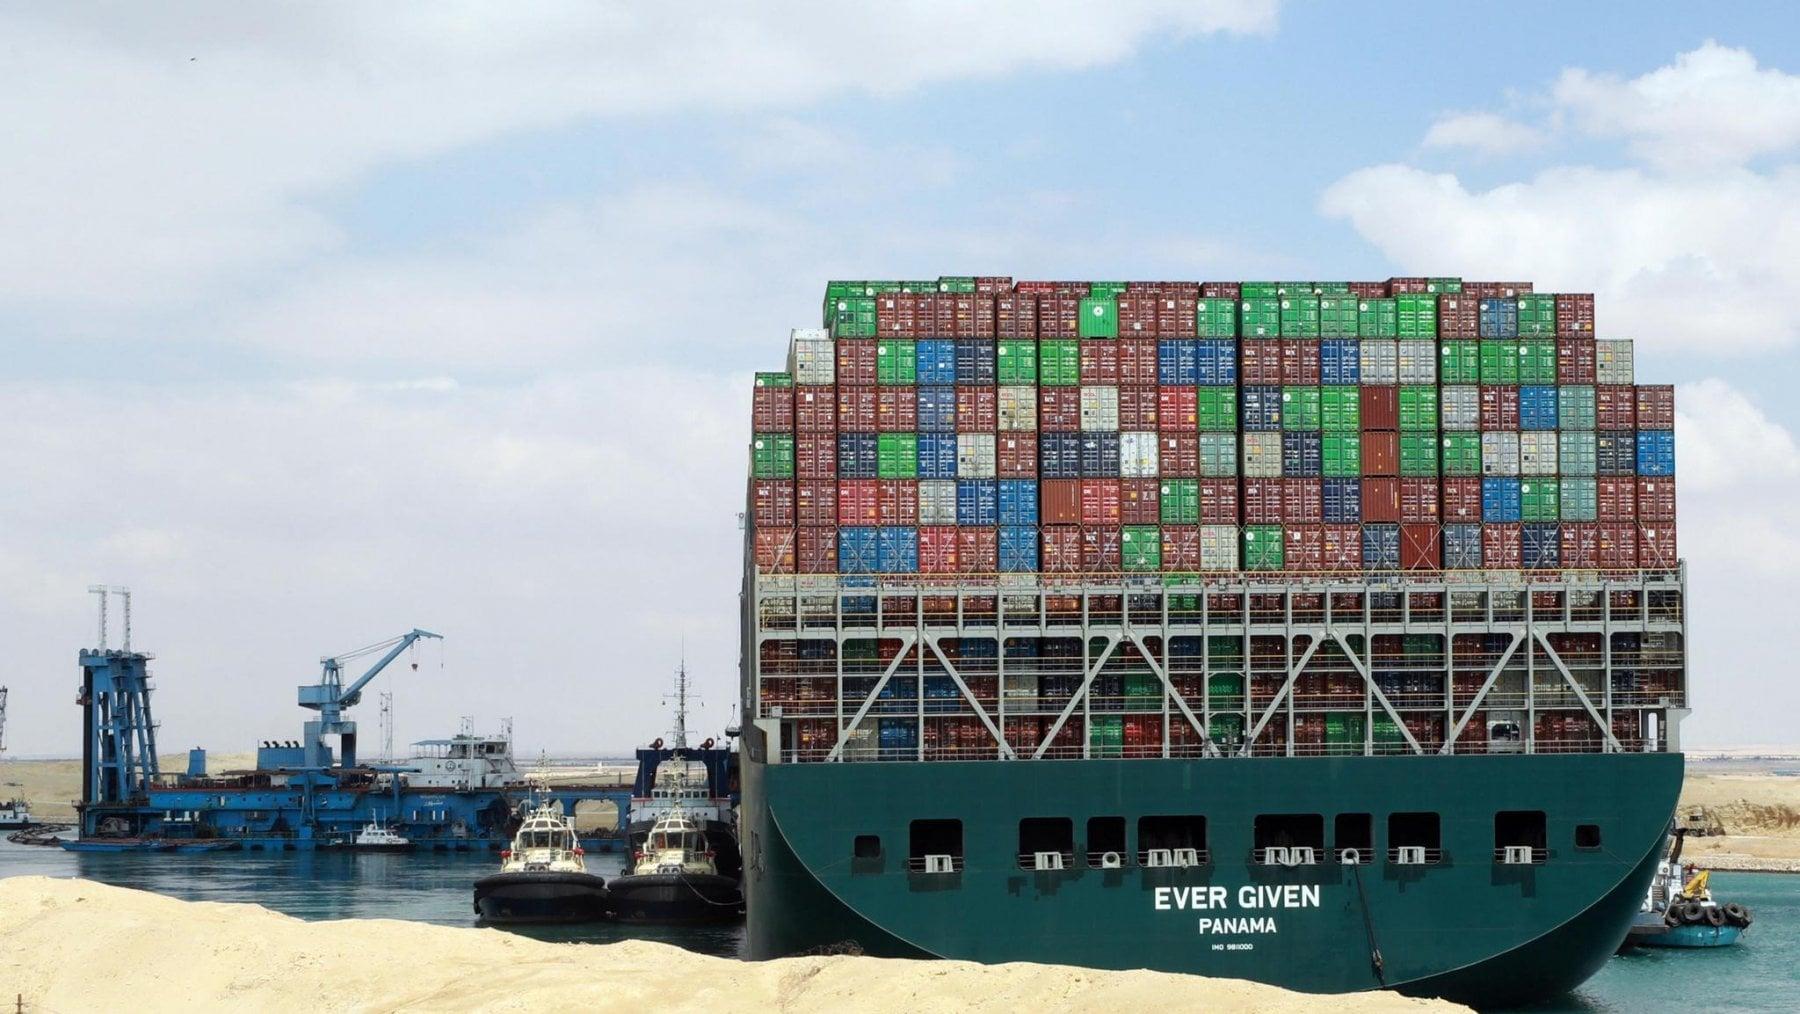 223607561 c89ba870 45f5 4915 a560 abfb25f46082 - Egitto, la nave Ever Given lascia il Canale di Suez e fa rotta verso Amsterdam